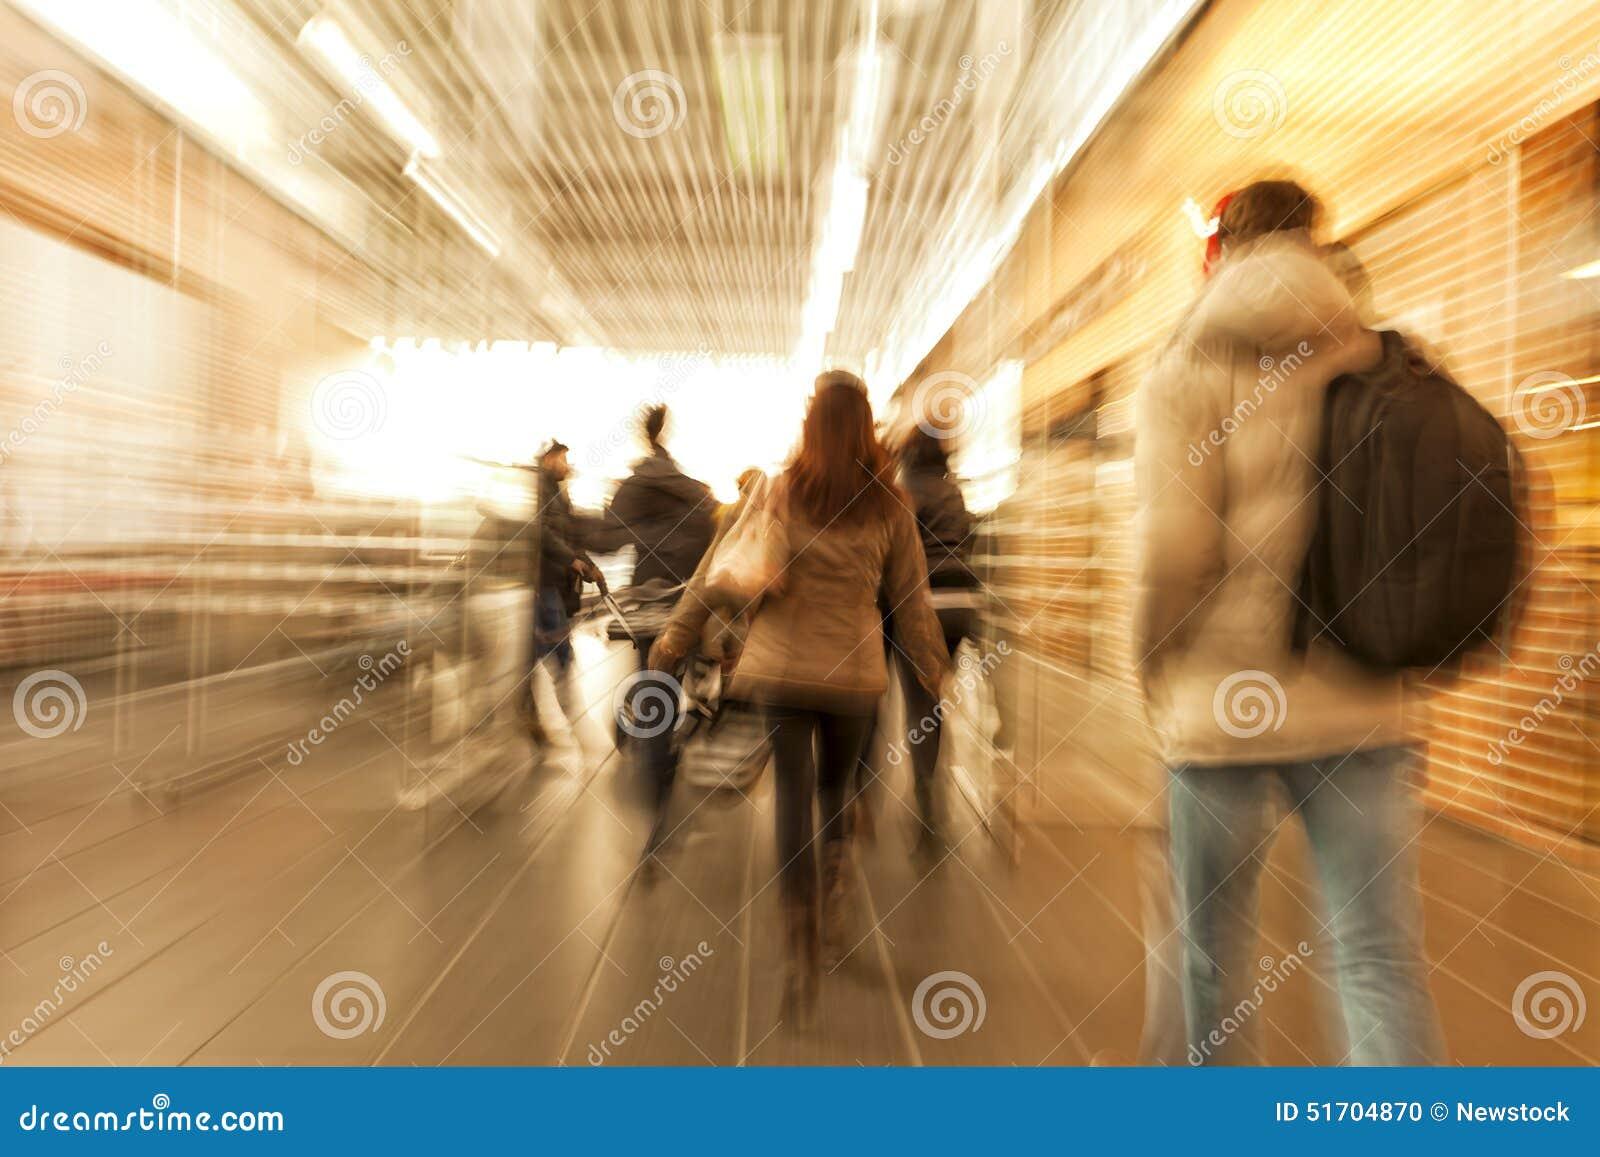 Покупатель спеша через коридор, влияние сигнала, нерезкость движения, крест